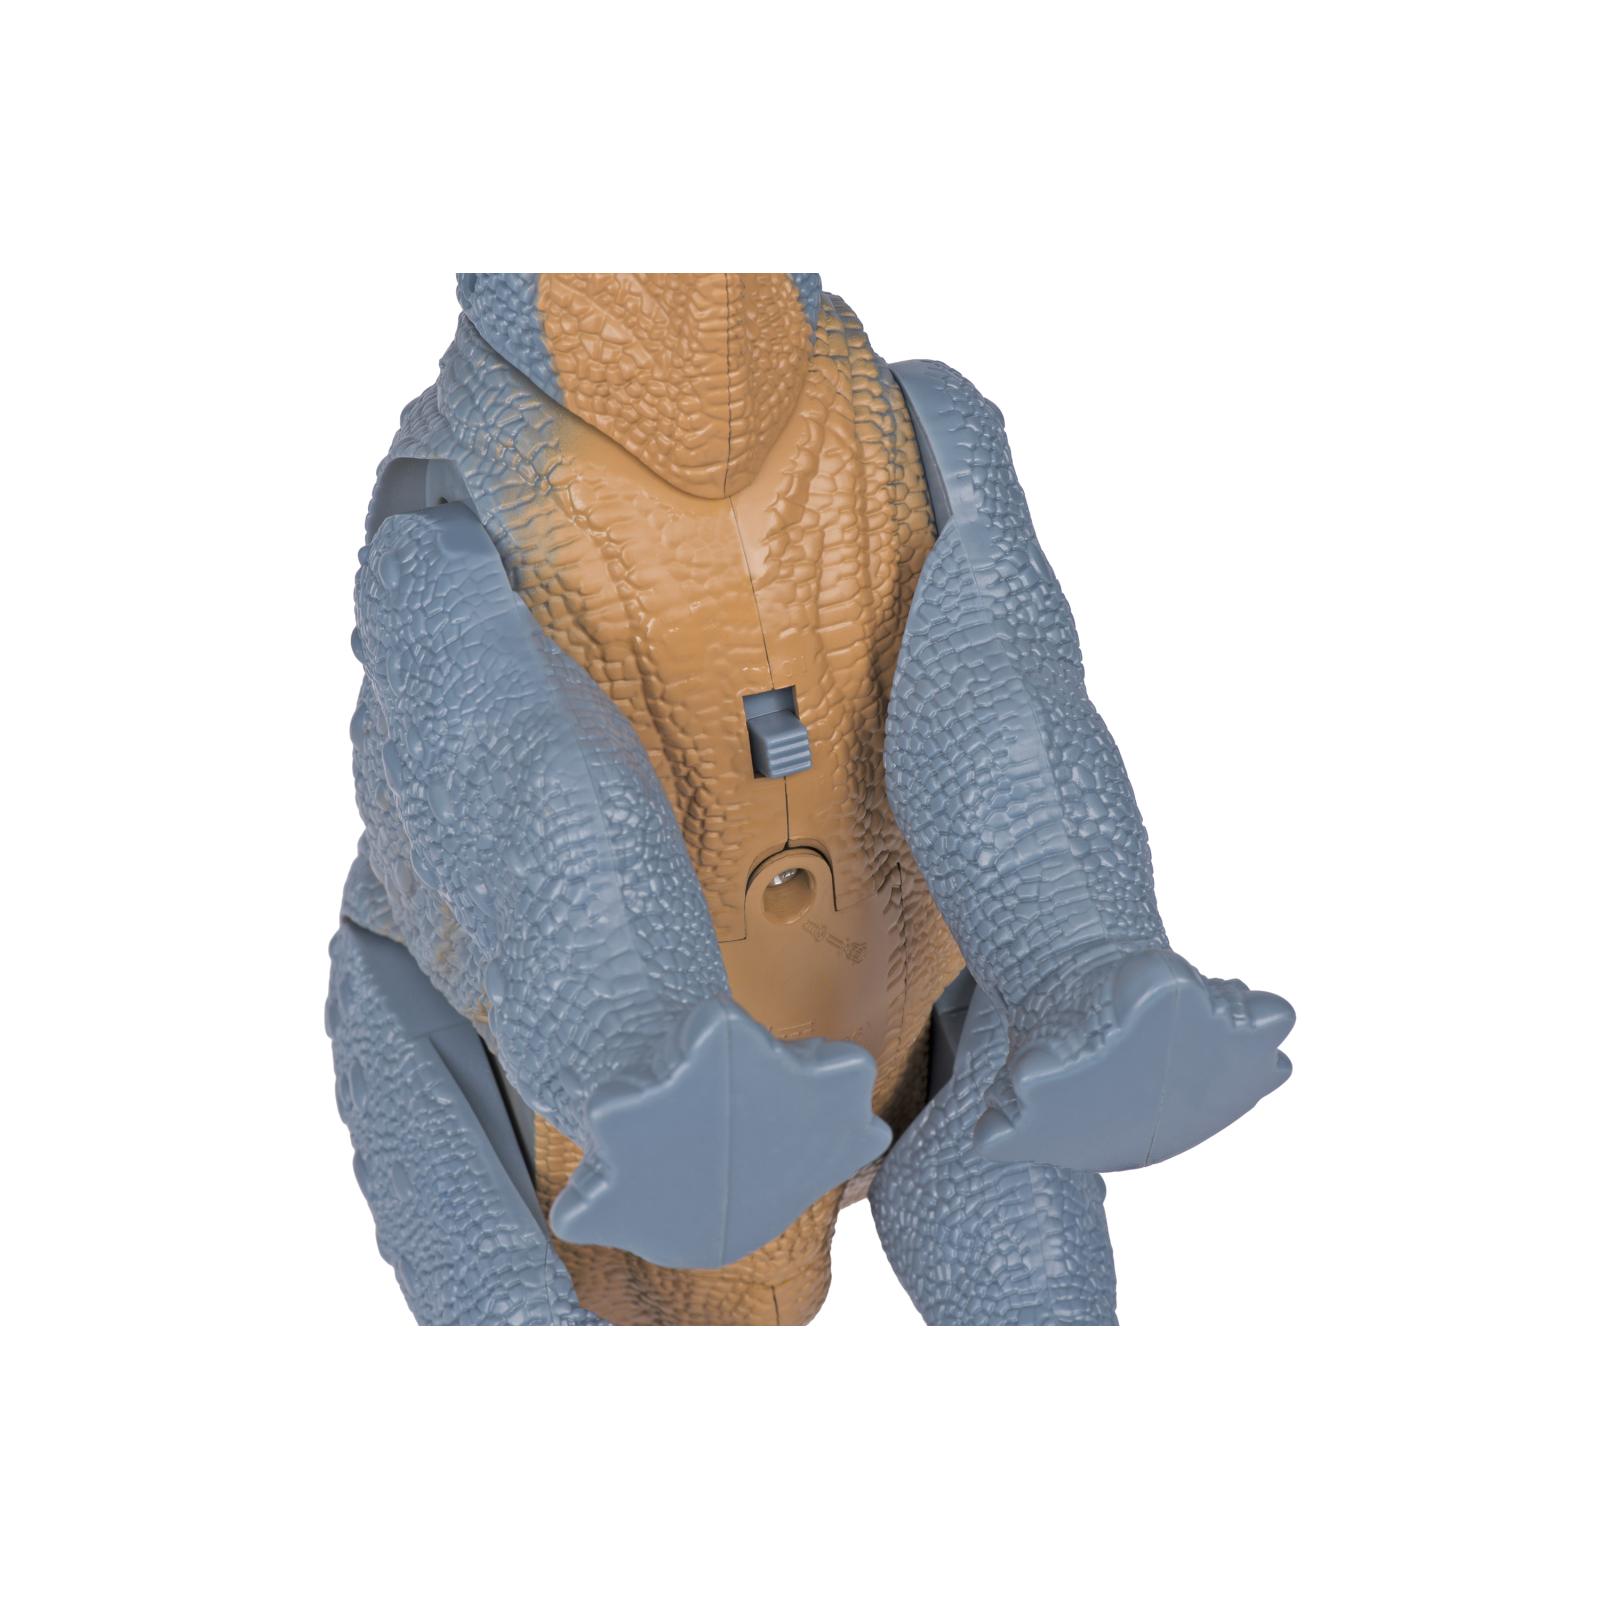 Интерактивная игрушка Same Toy Динозавр Dinosaur Planet серый со светом и звуком (RS6167AUt) изображение 5